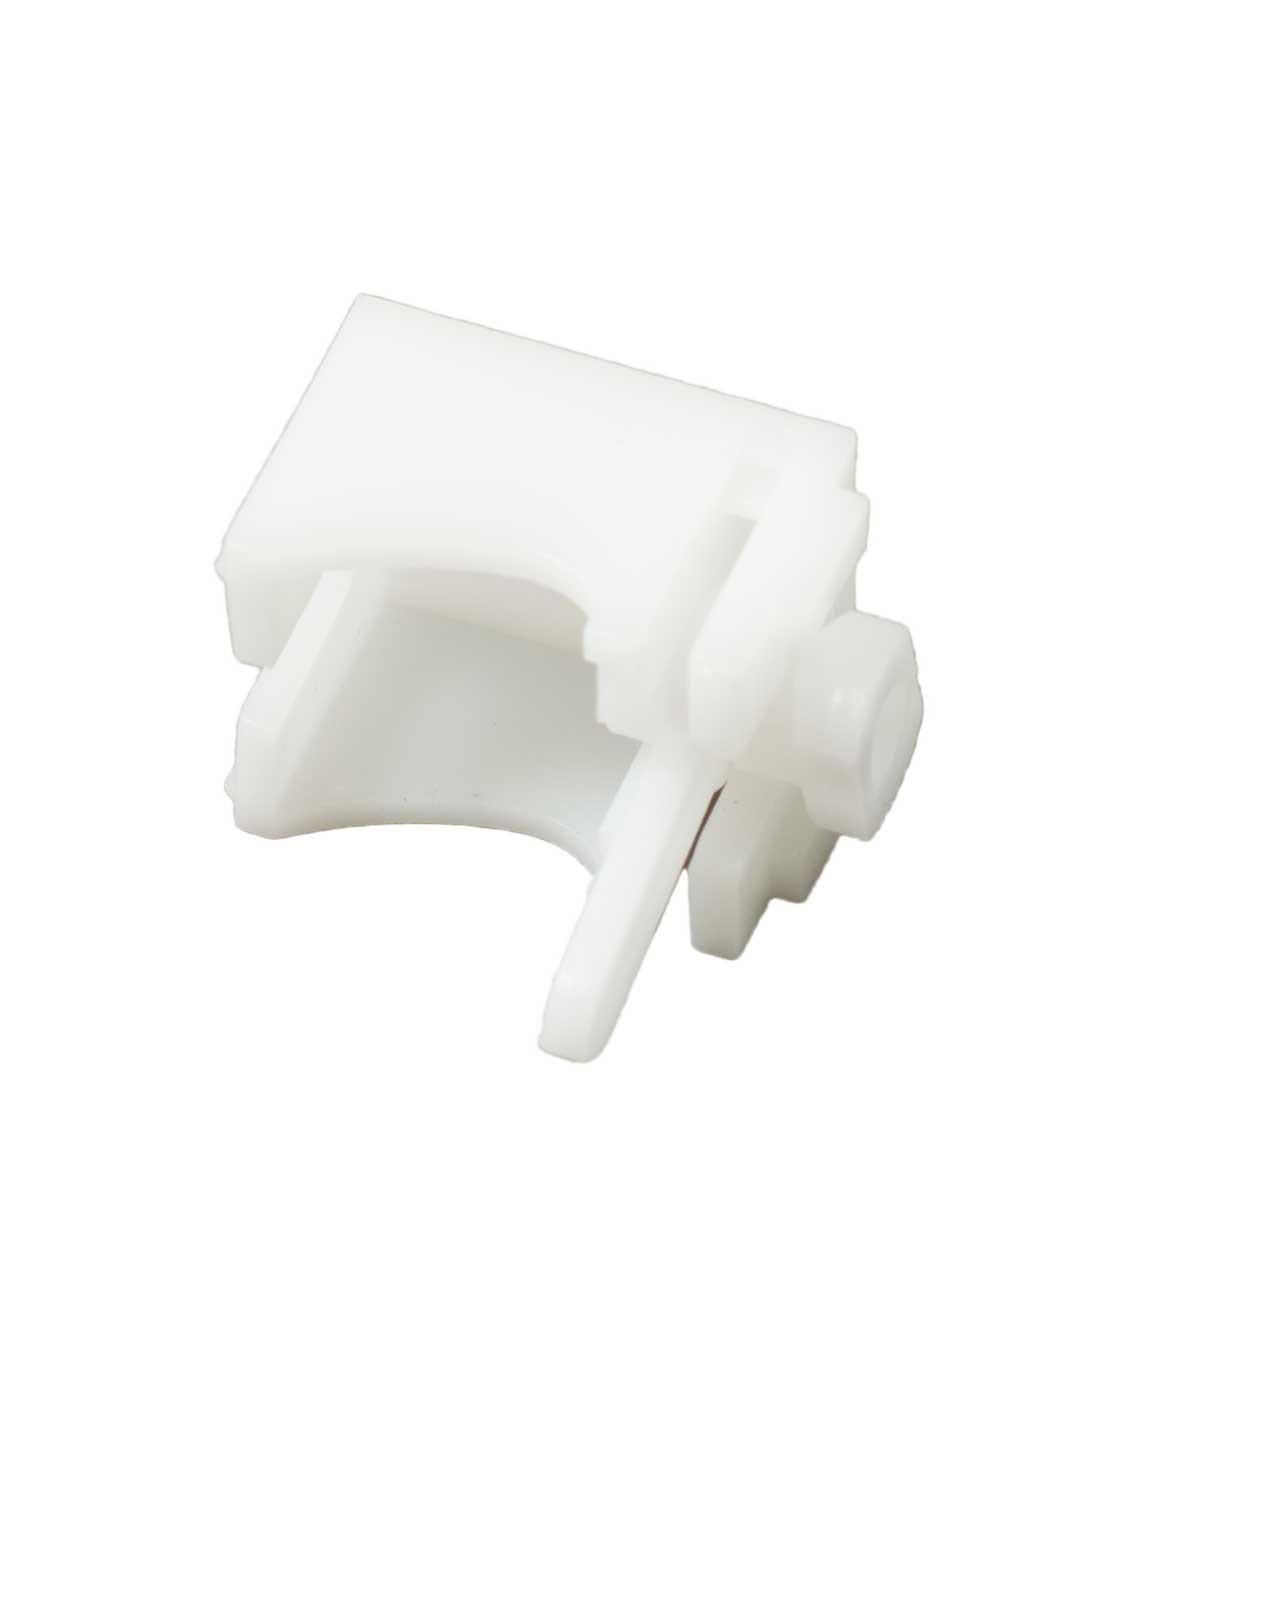 Foldegardin beslag med lås